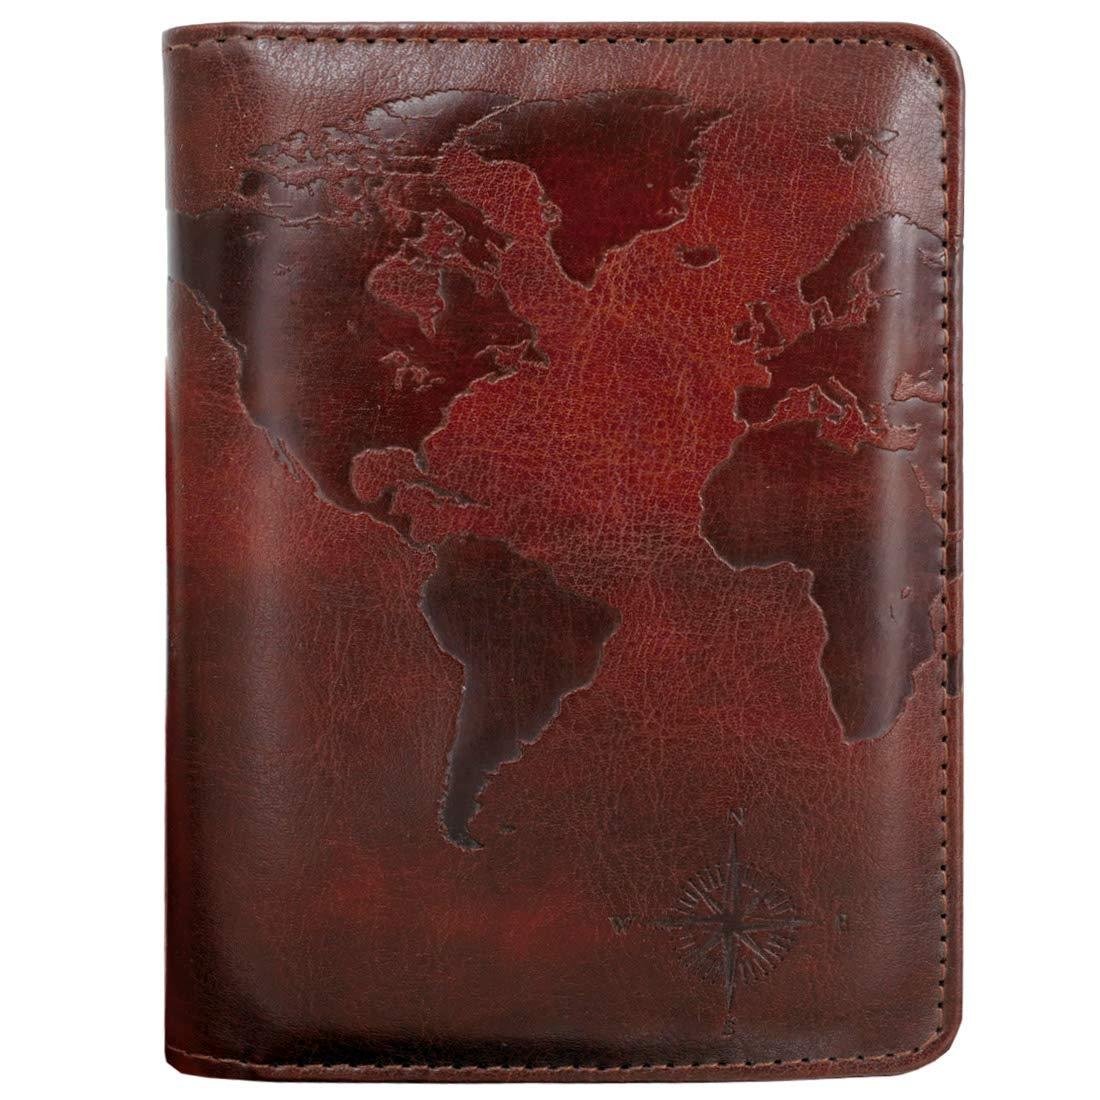 Kandouren RFID Blocking Passport Holder